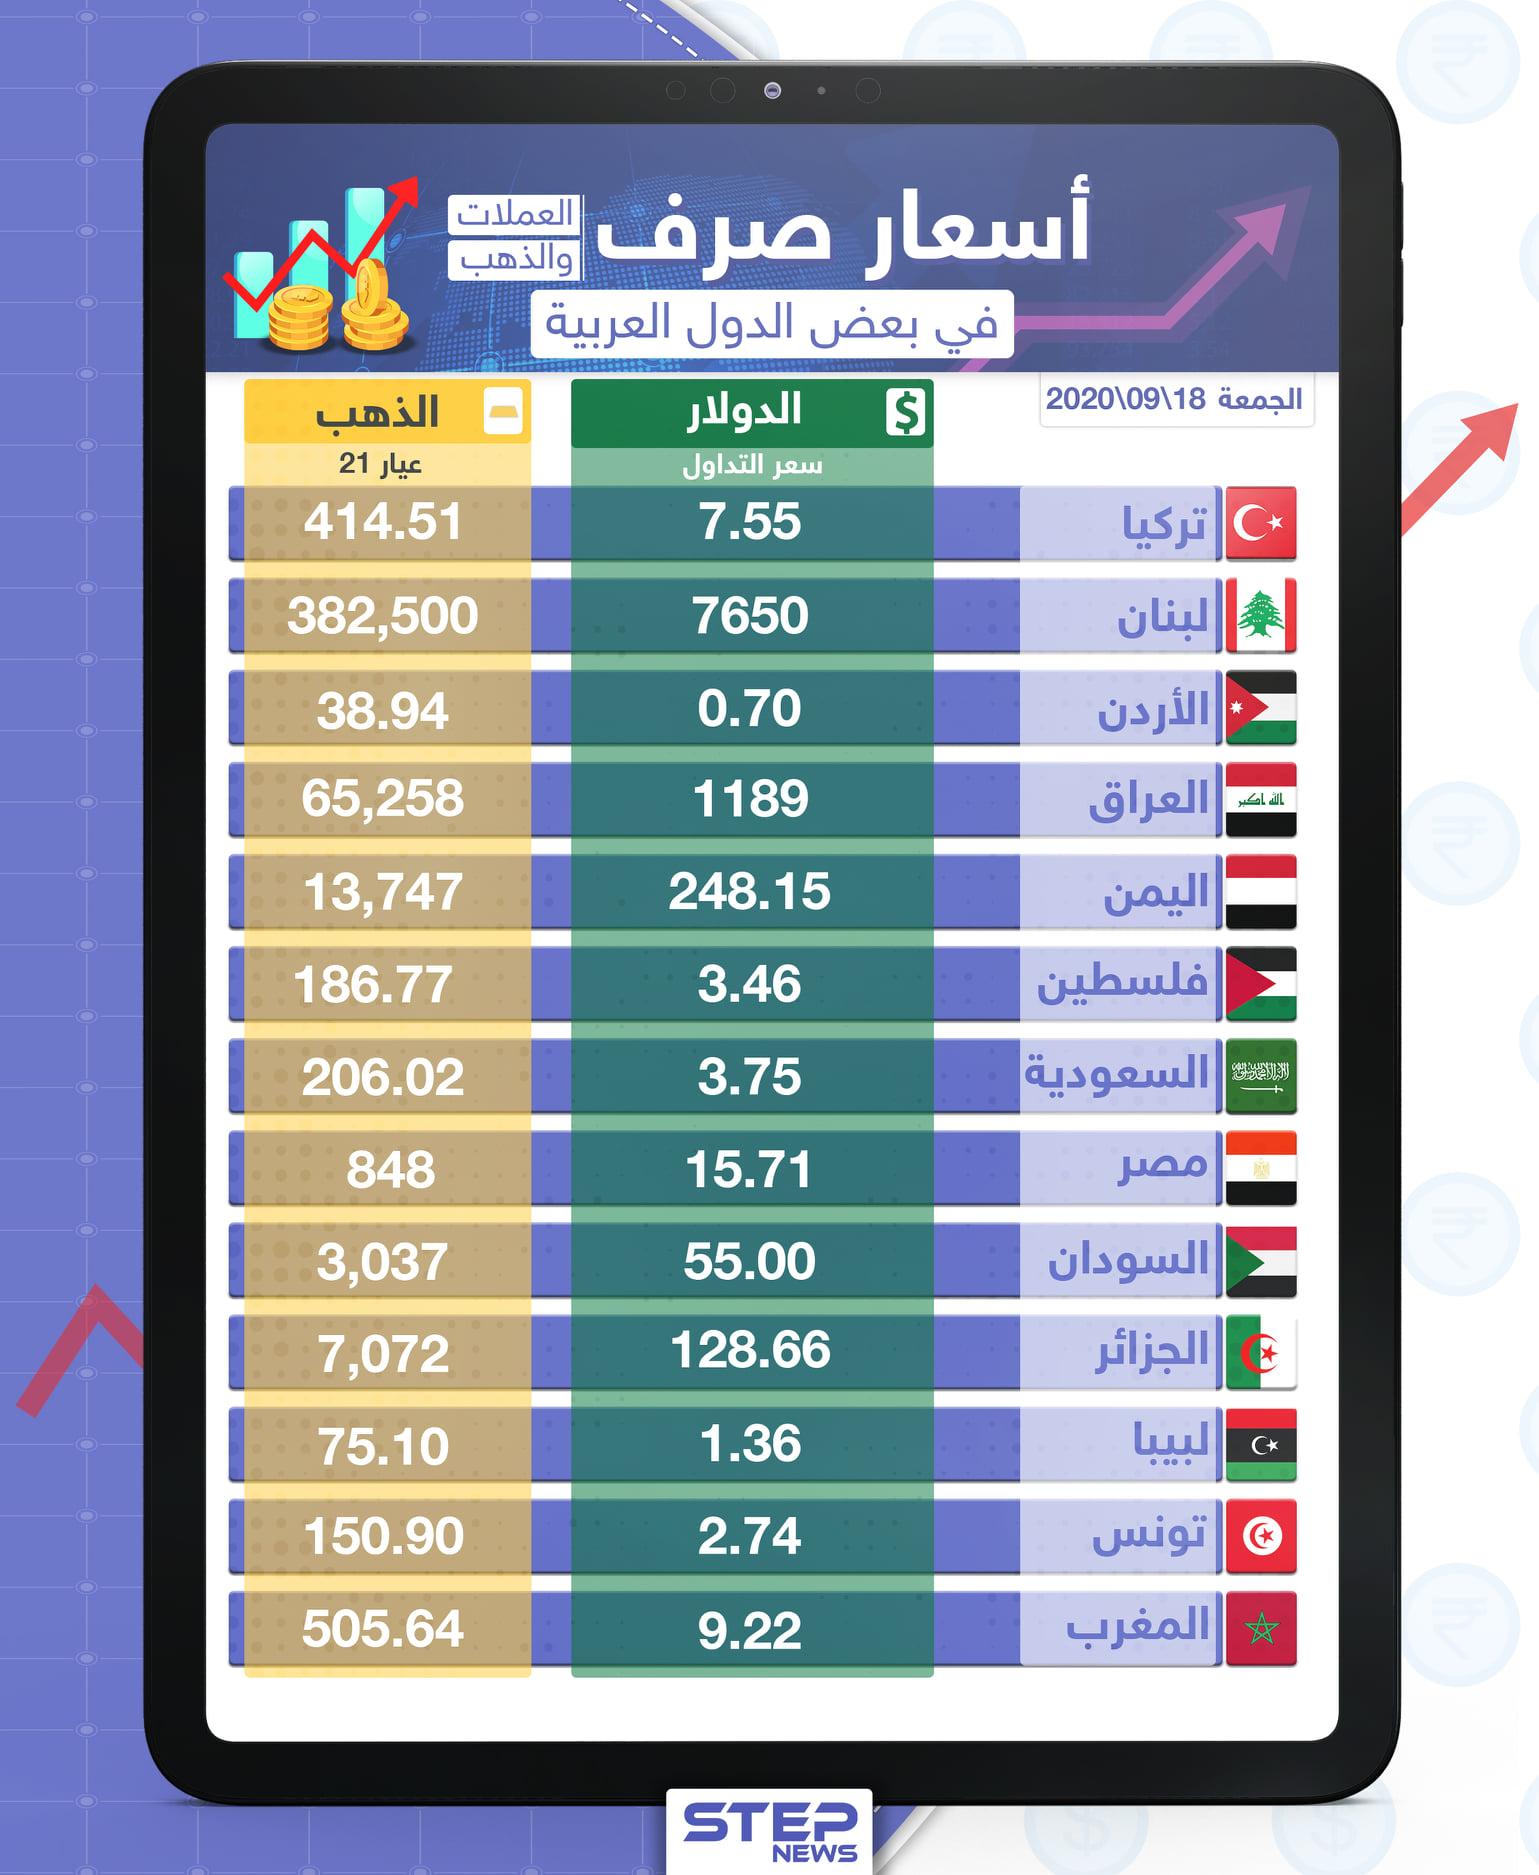 أسعار الذهب والعملات للدول العربية وتركيا اليوم الجمعة الموافق 18 أيلول 2020